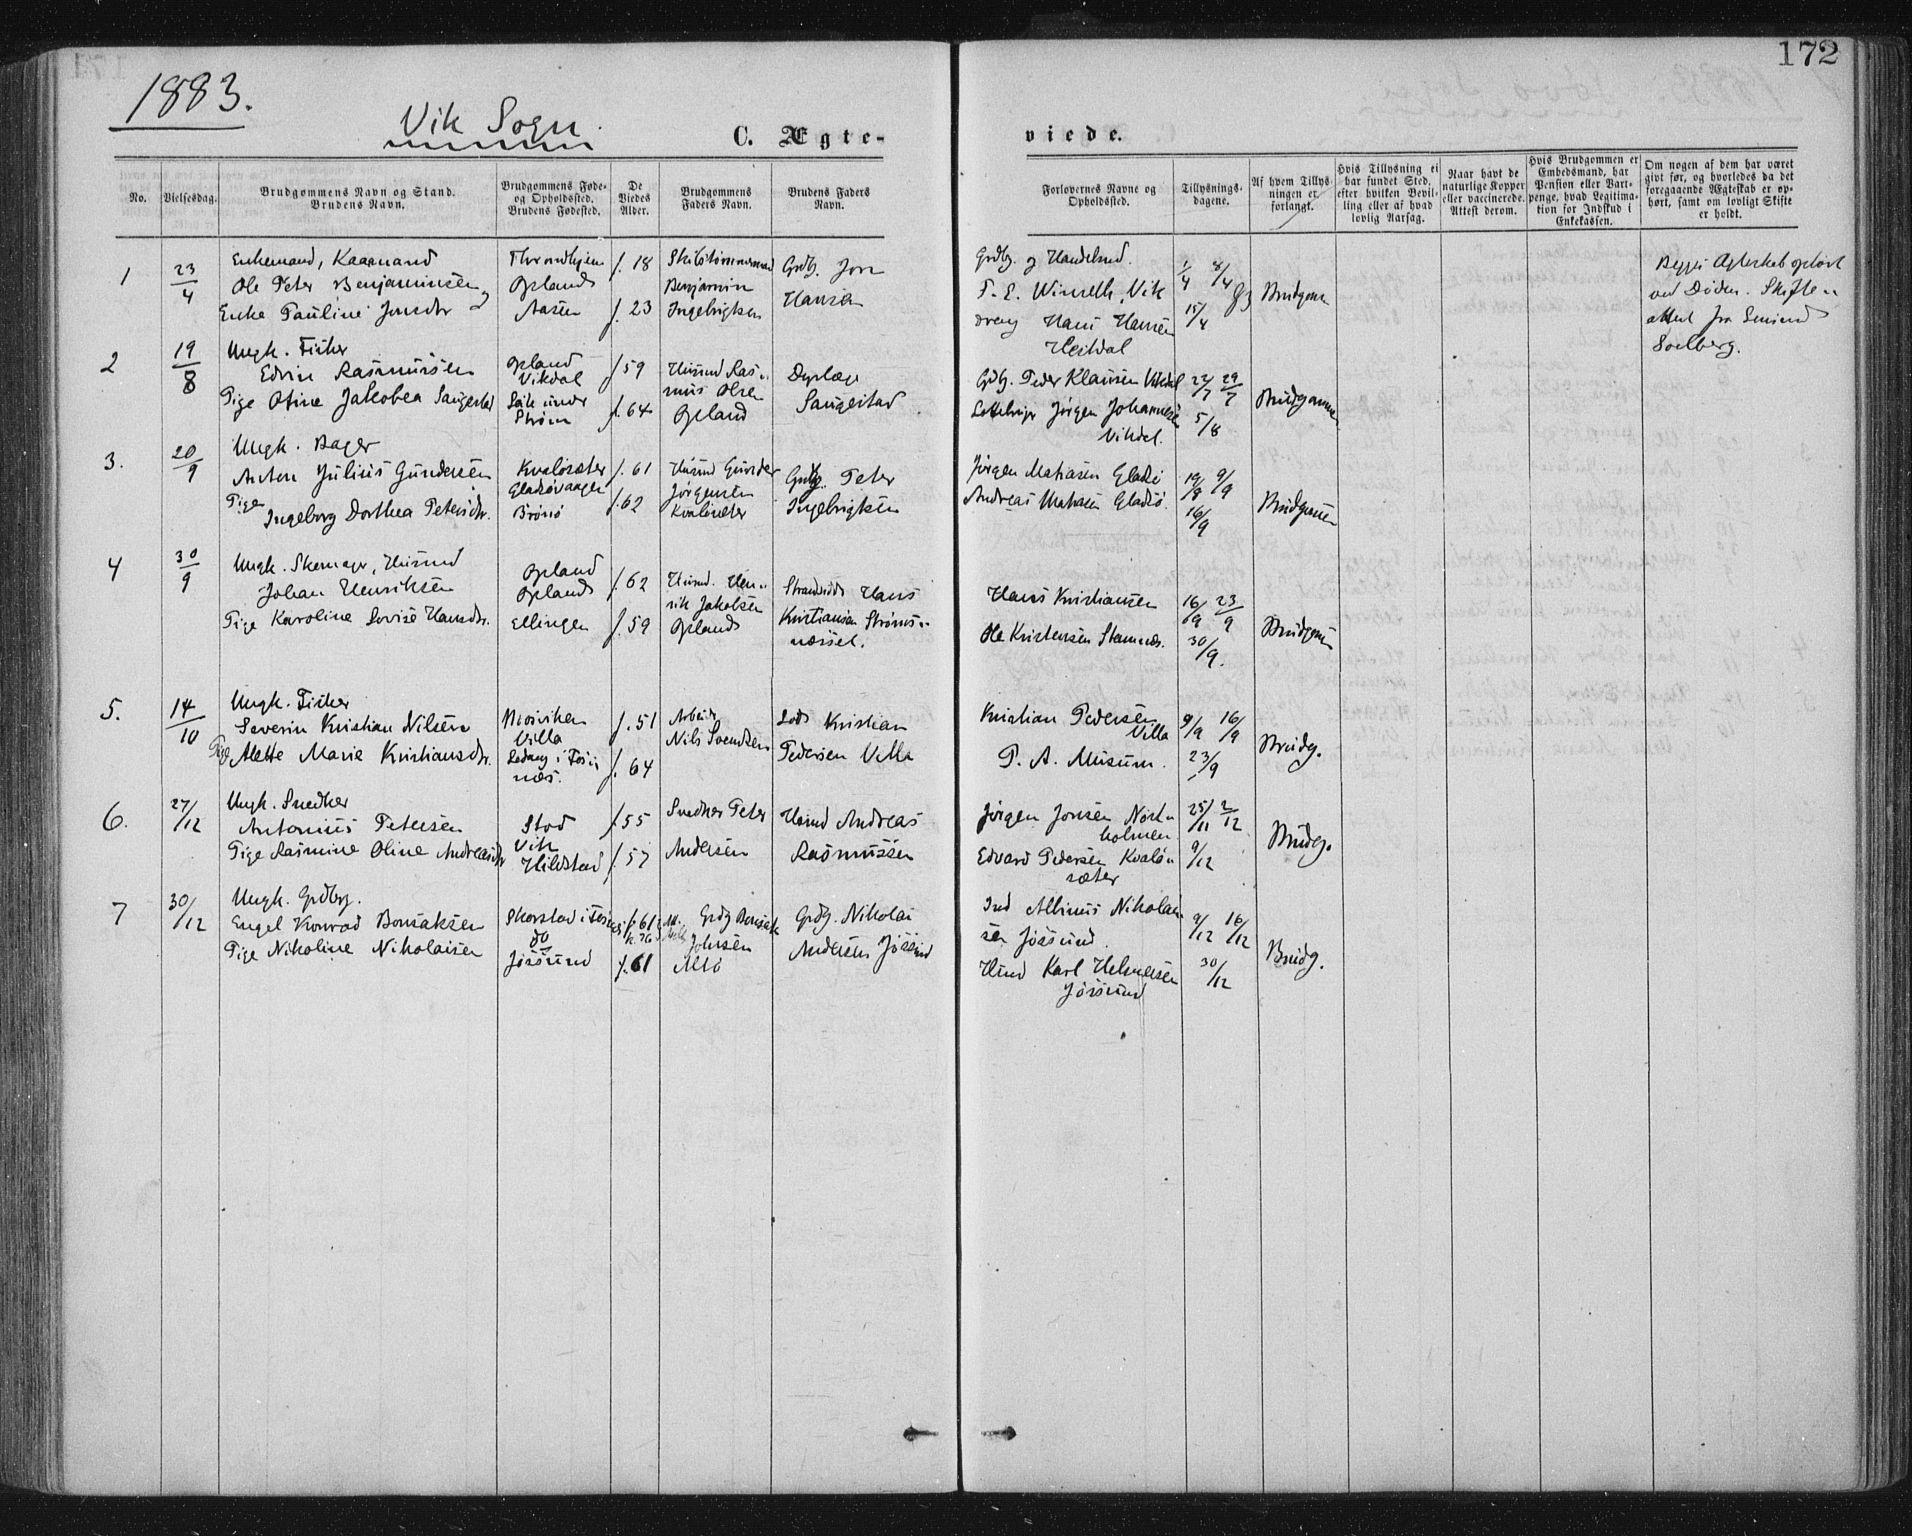 SAT, Ministerialprotokoller, klokkerbøker og fødselsregistre - Nord-Trøndelag, 771/L0596: Ministerialbok nr. 771A03, 1870-1884, s. 172